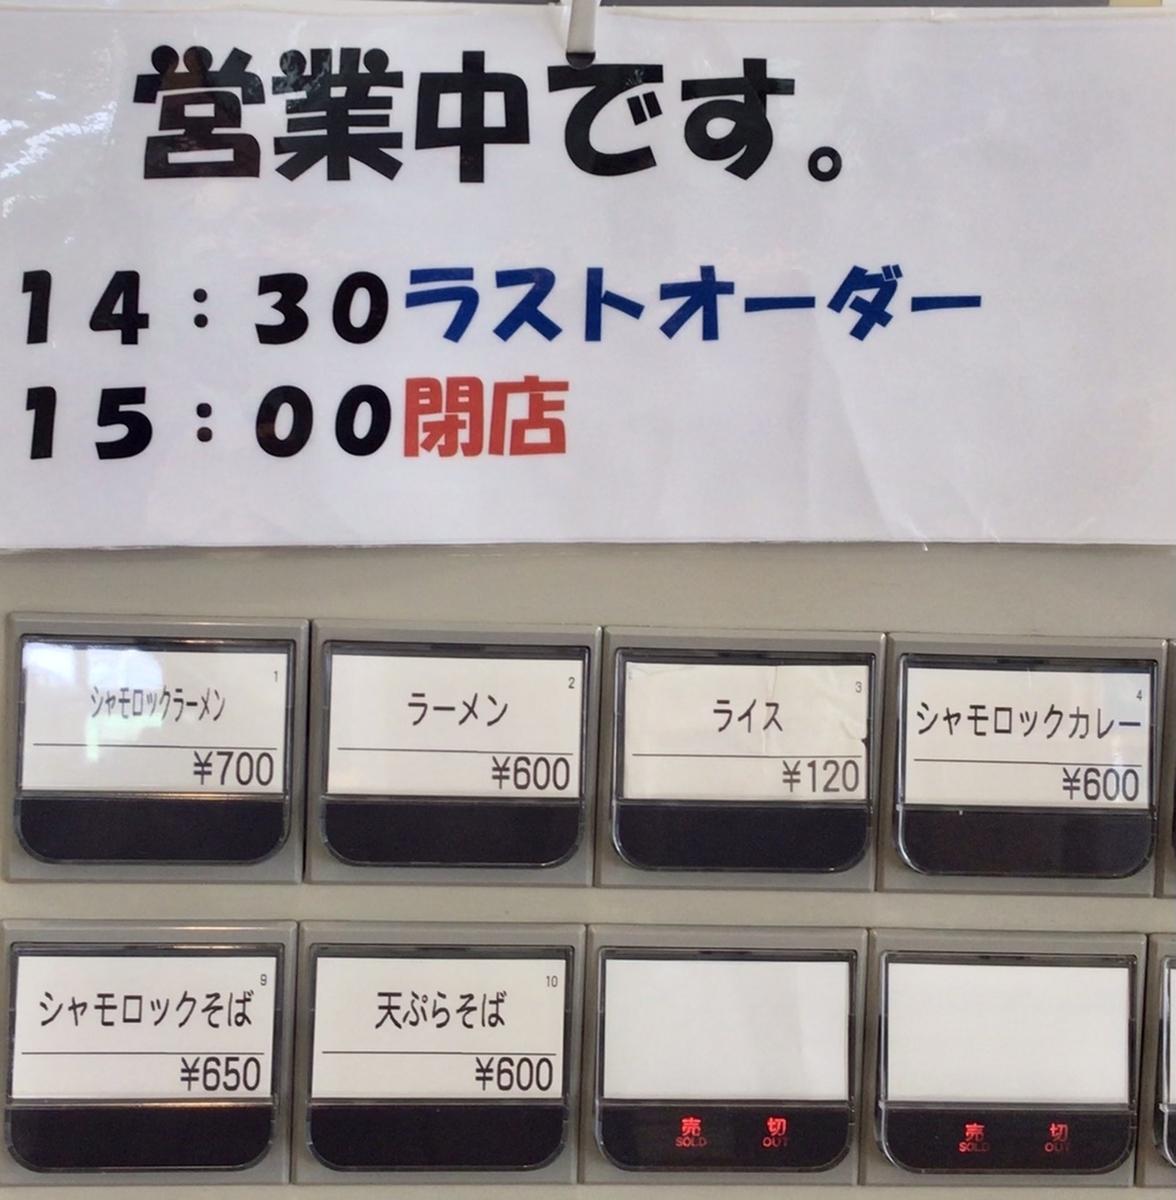 f:id:yumeusagiyukiusagi:20210419222004j:plain